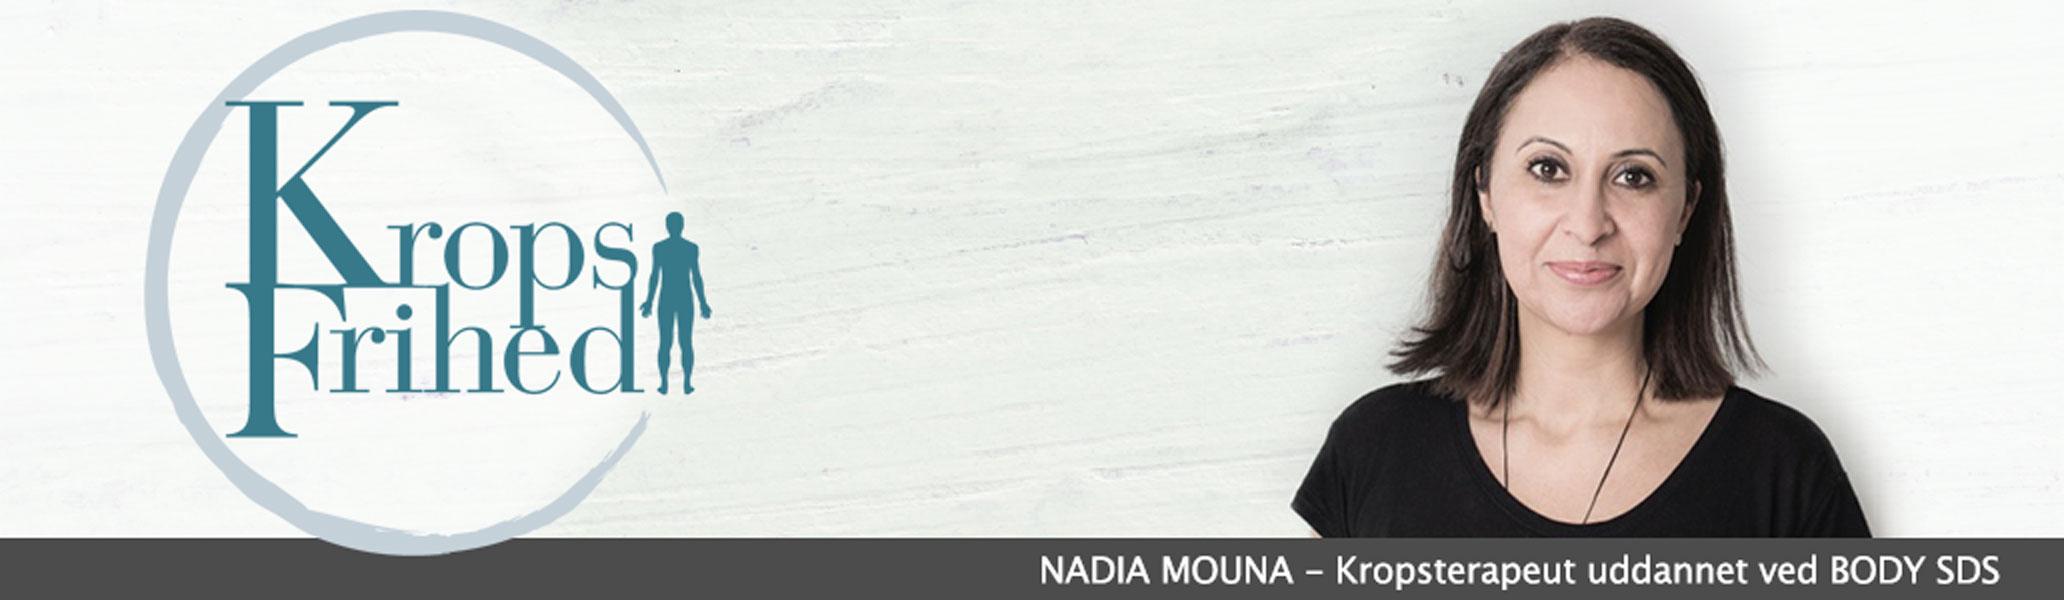 NADIA MOUNA - Kropsterapeut uddannet ved BODY SDS